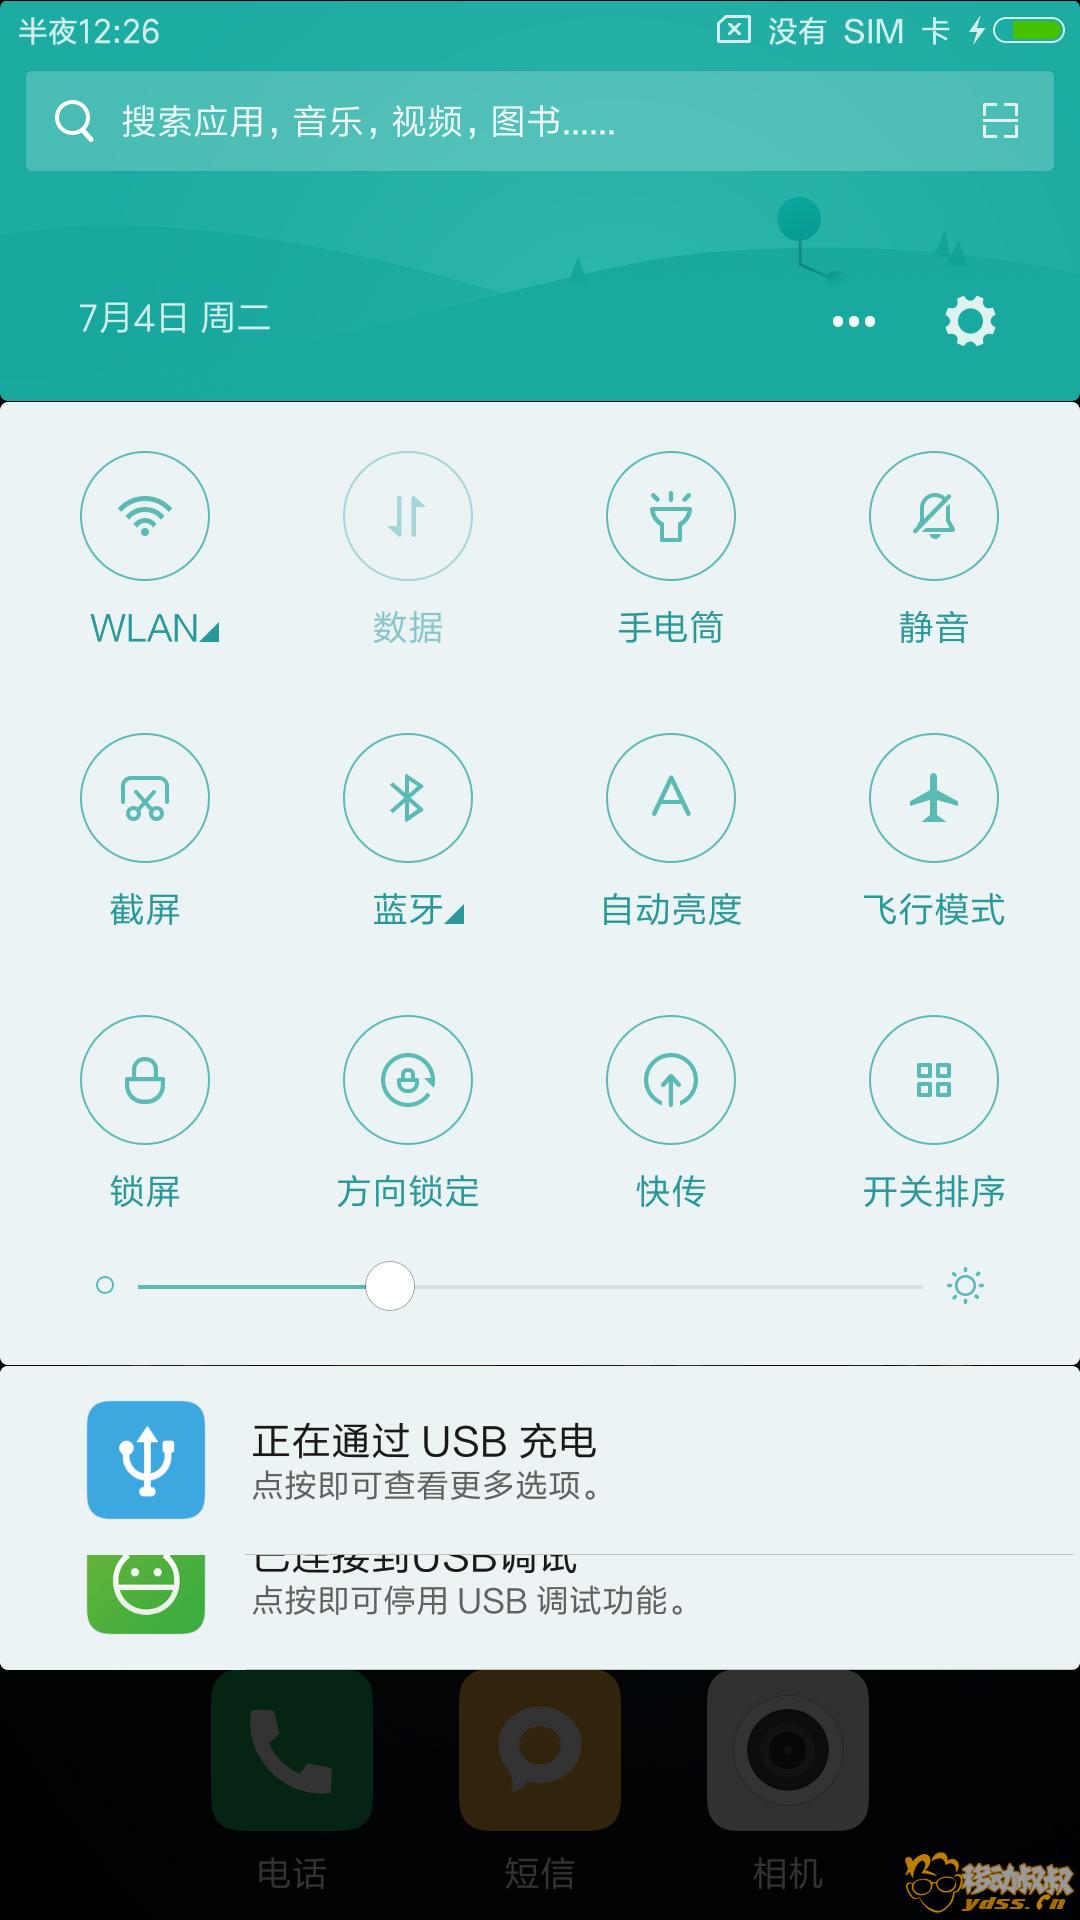 Screenshot_2017-07-04-00-26-59-425_com.miui.home.png